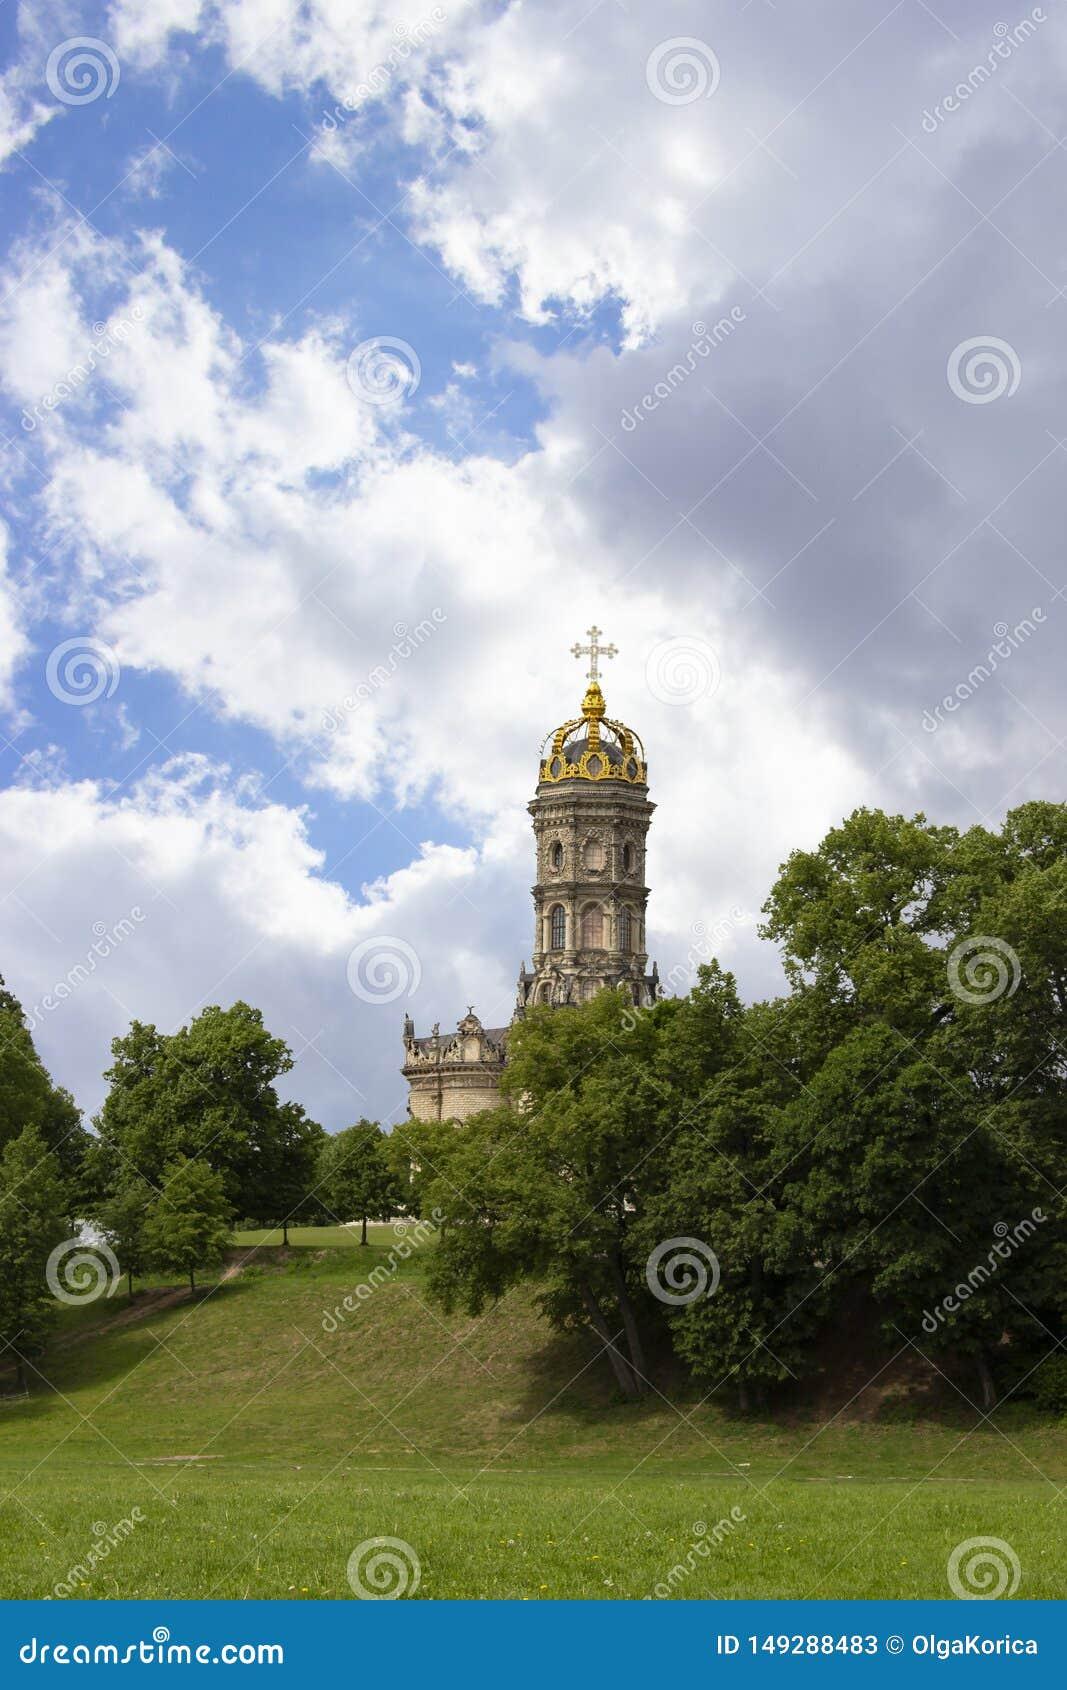 Steentempel met een hoge klokketoren, ??n gouden koepel en een gouden Christelijk kruis op bovenkant Mooie majestueuze orthodox